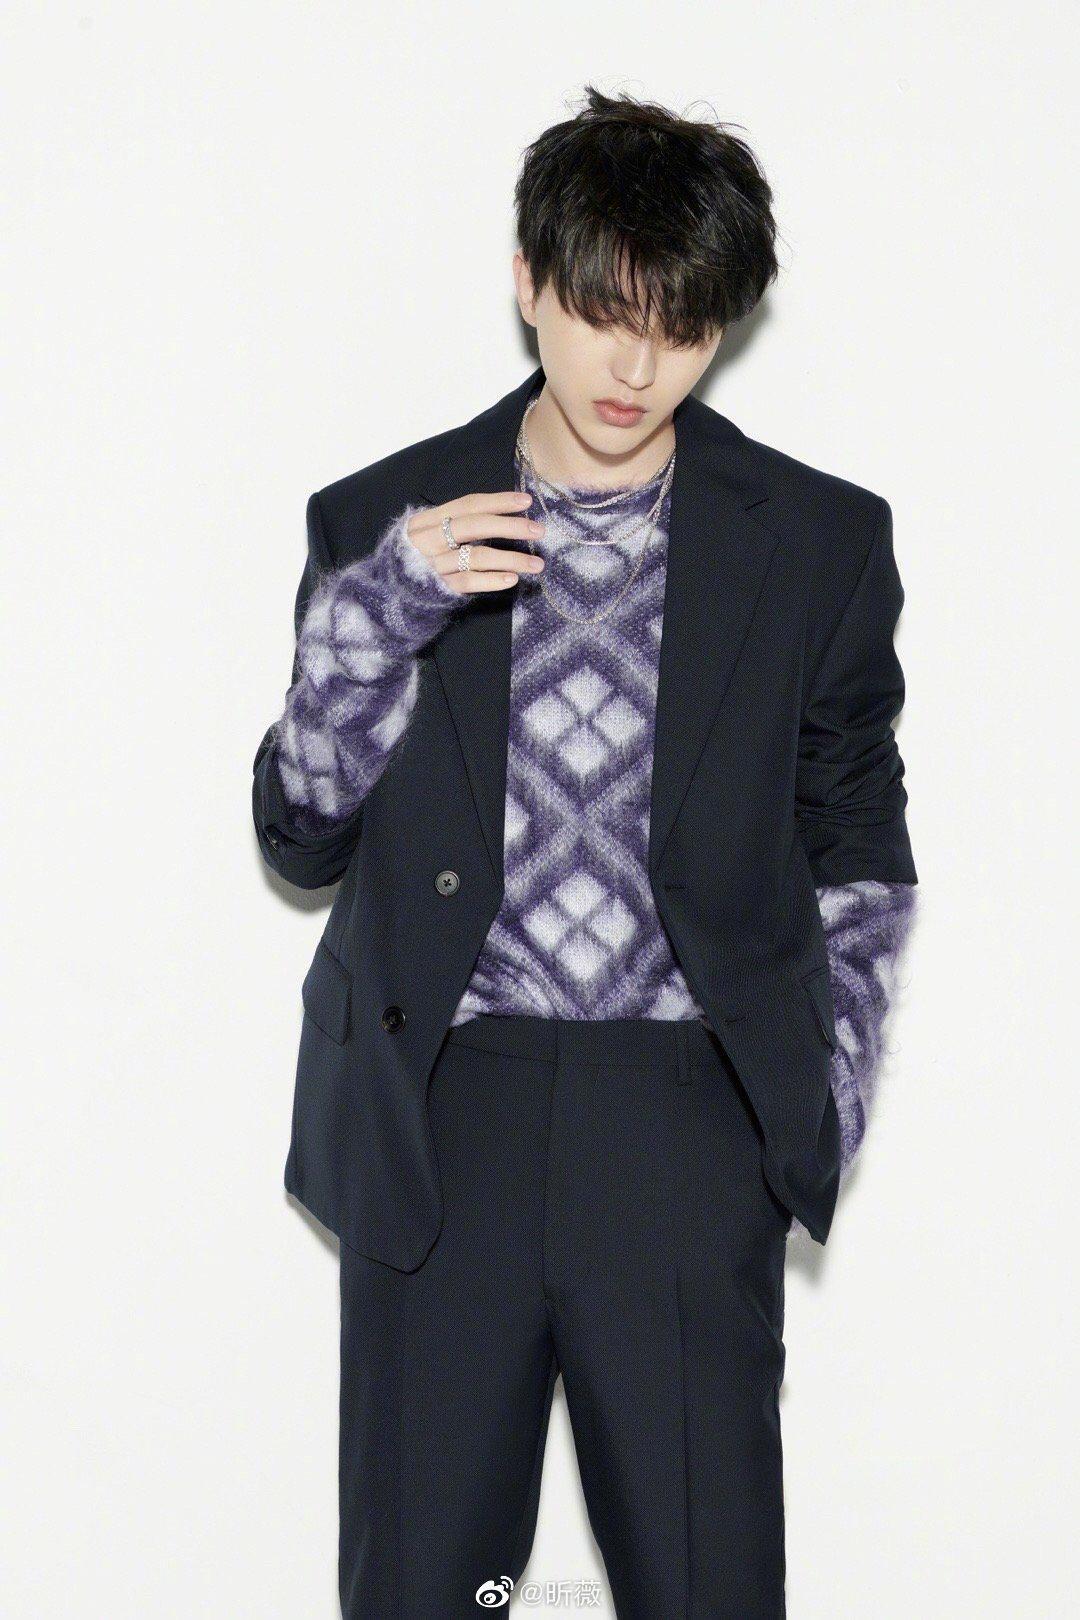 活动造型曝光,一身黑色西装搭配紫色菱格纹毛衣,温暖有型……